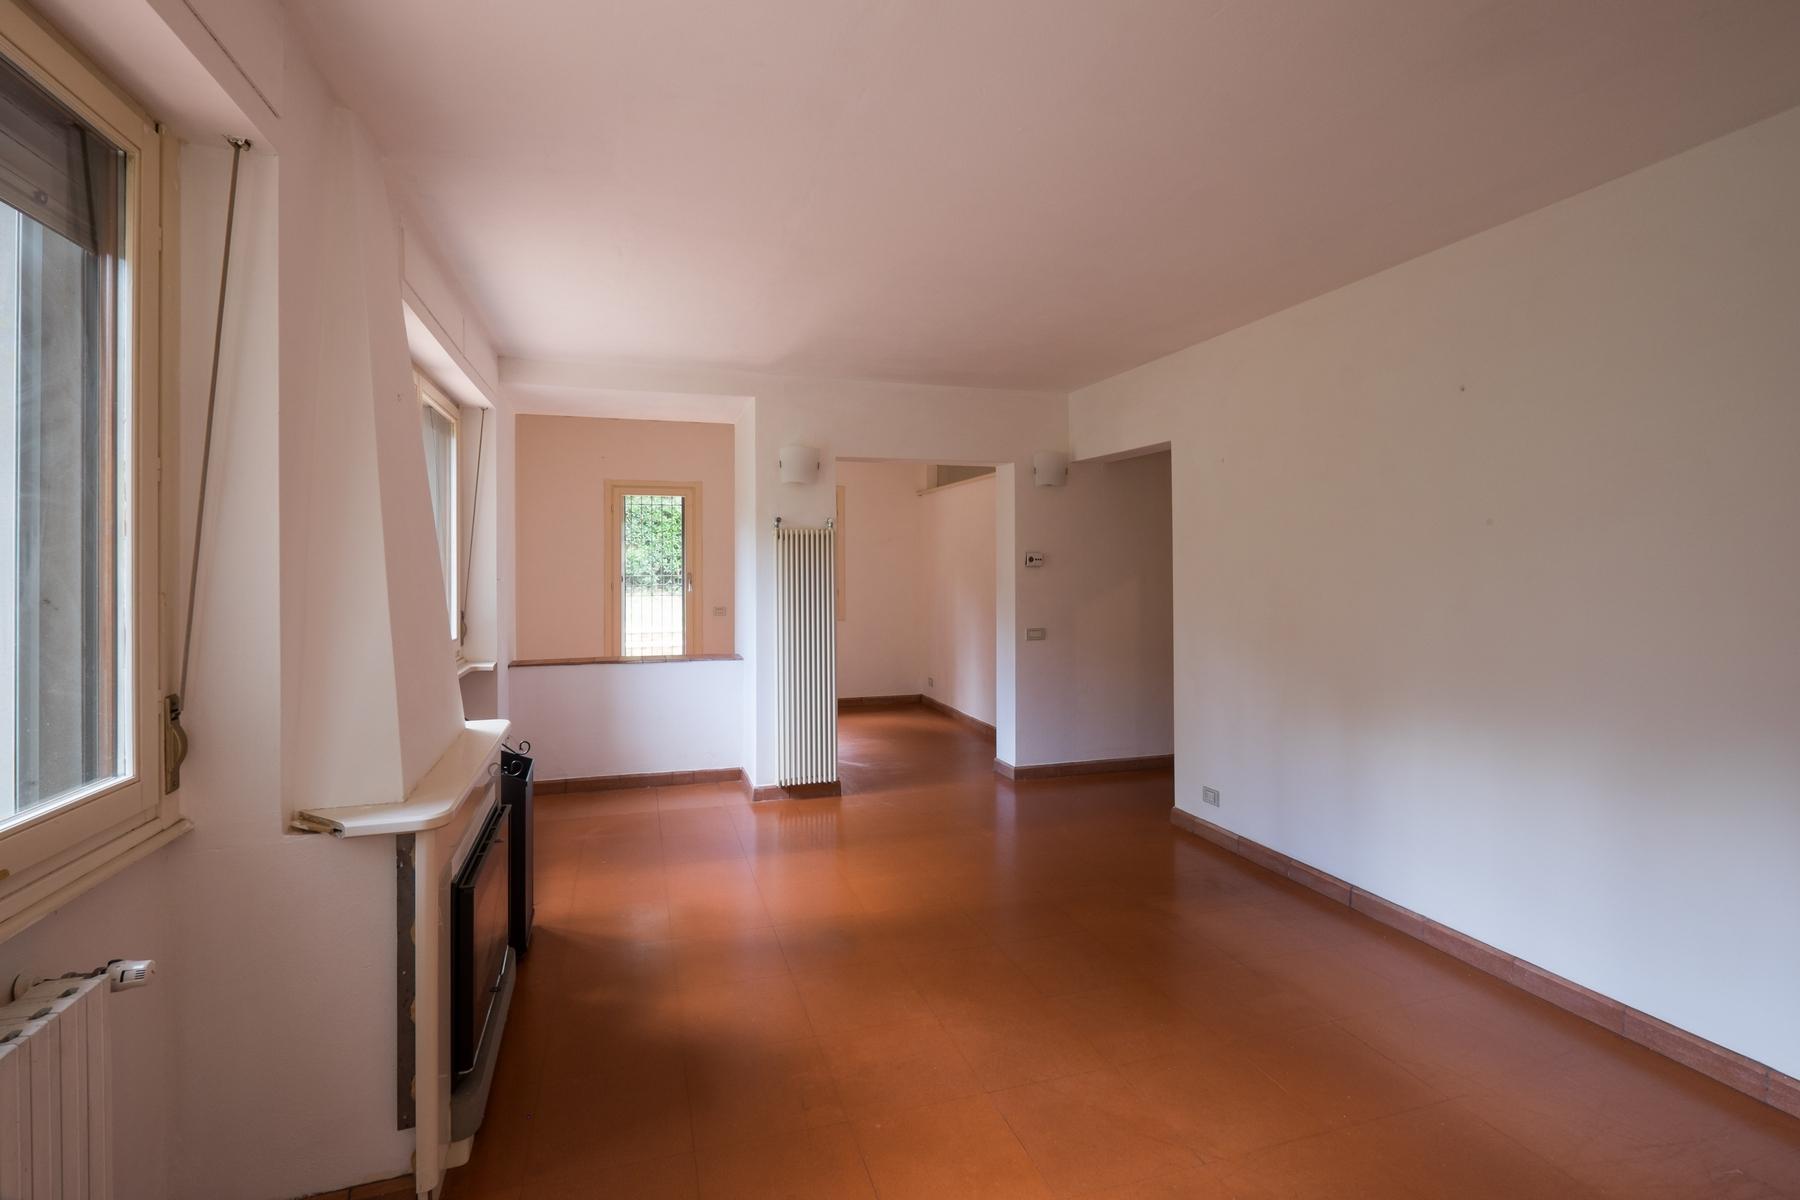 Appartamento in Vendita a Firenze: 5 locali, 82 mq - Foto 3